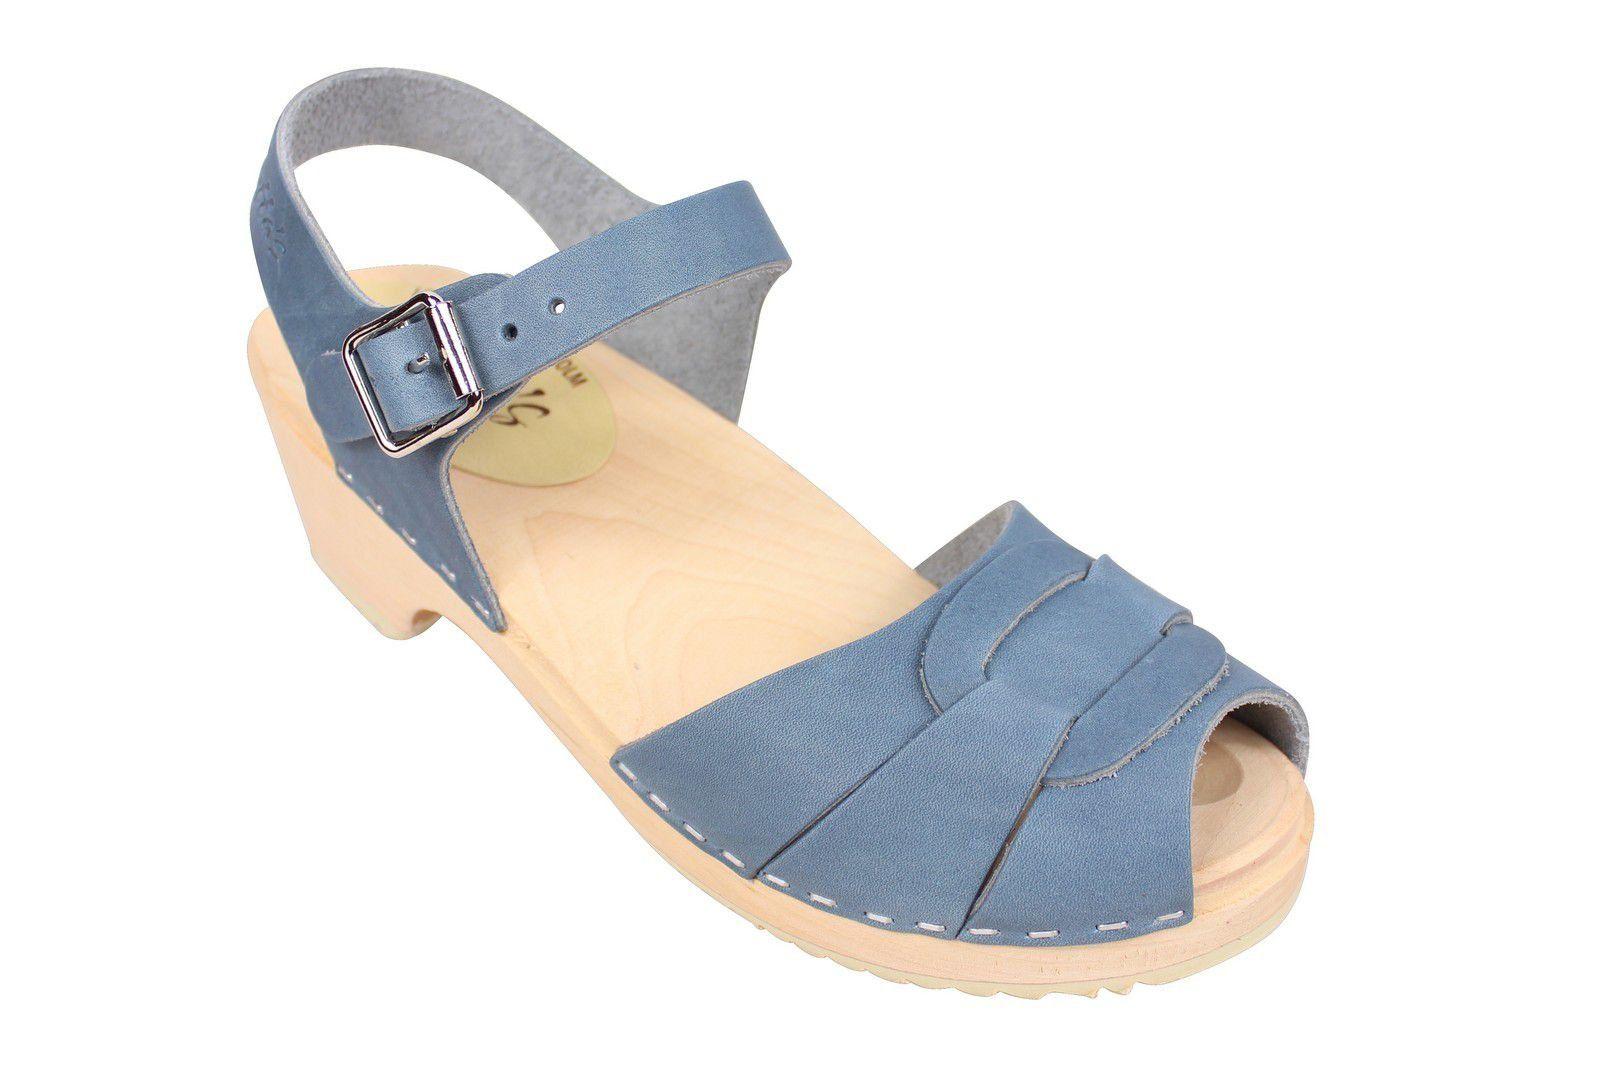 Lotta From Stockholm Low Heel Peep Toe in Steel Blue Leather